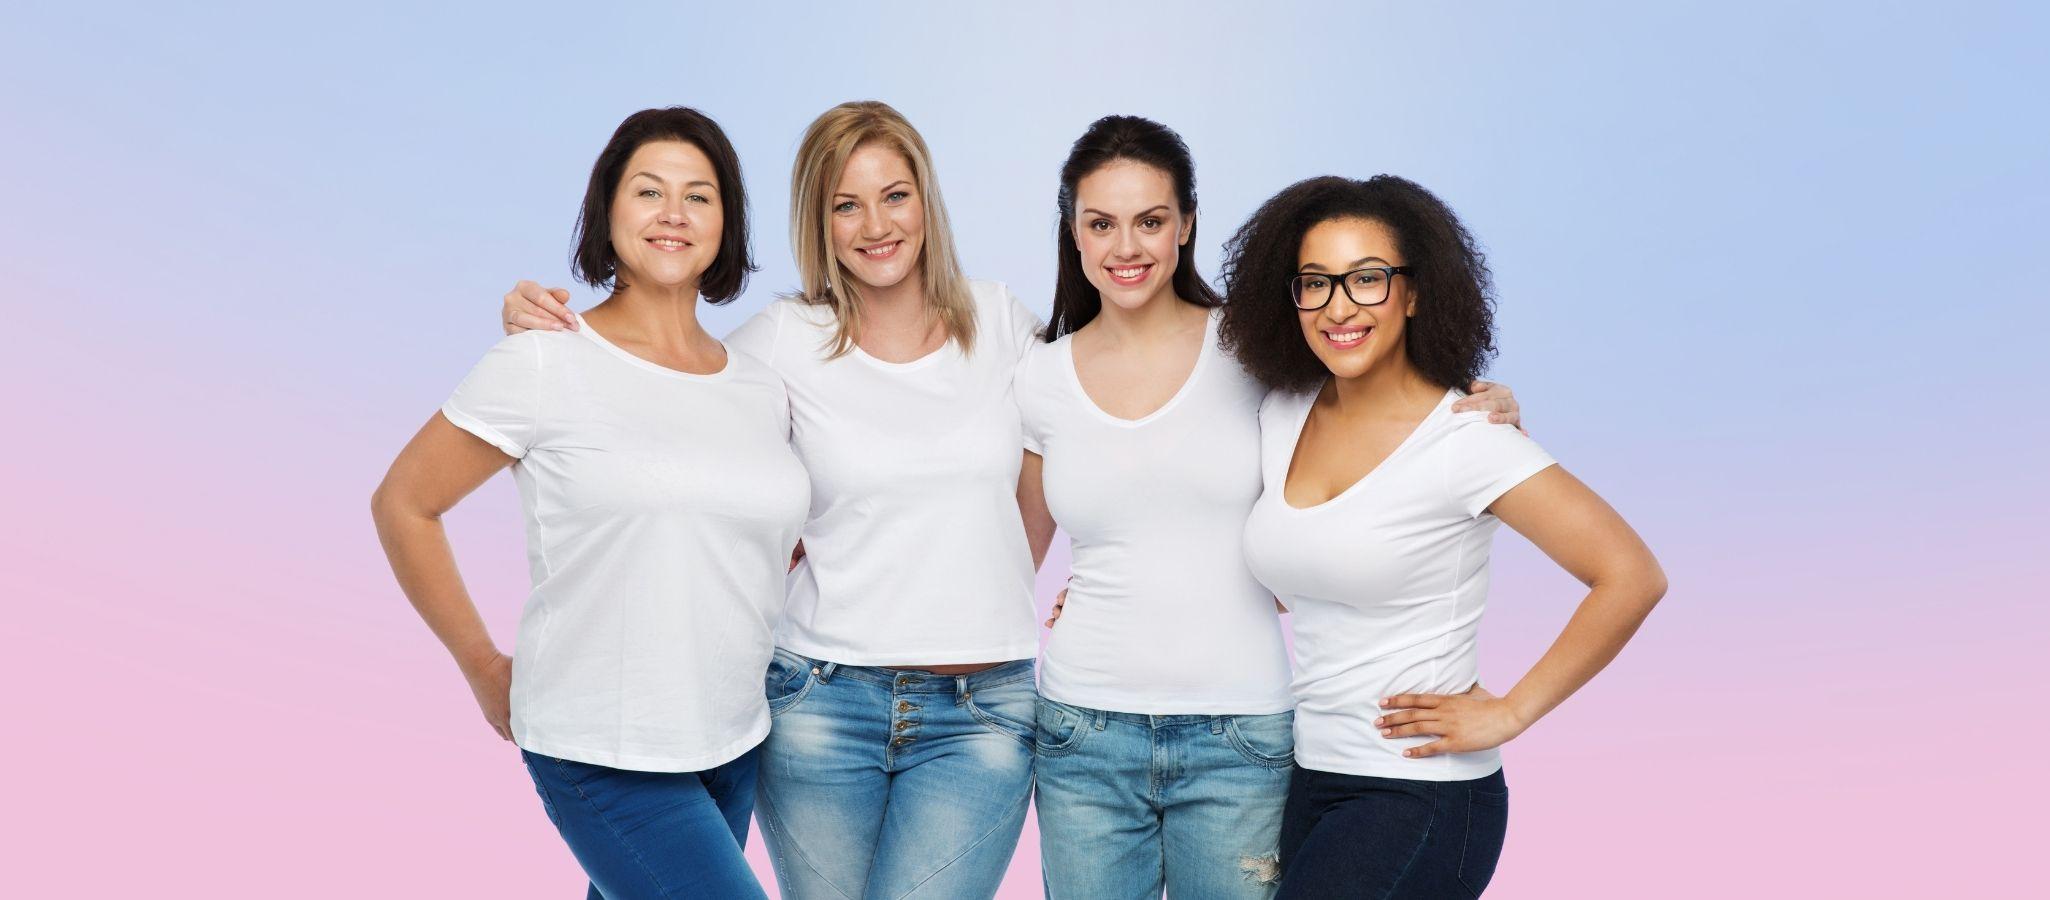 """Quatro mulheres de idade diferente vestindo t-shirt branco e jeans azul, em pé e sorrindo, o fundo é claro colorido com rosa no fundo e azul no topo, o artigo é chamado de """"Melhores estratégias sobre como namorar uma mulher, namorar um namoro sénior e on-line"""""""